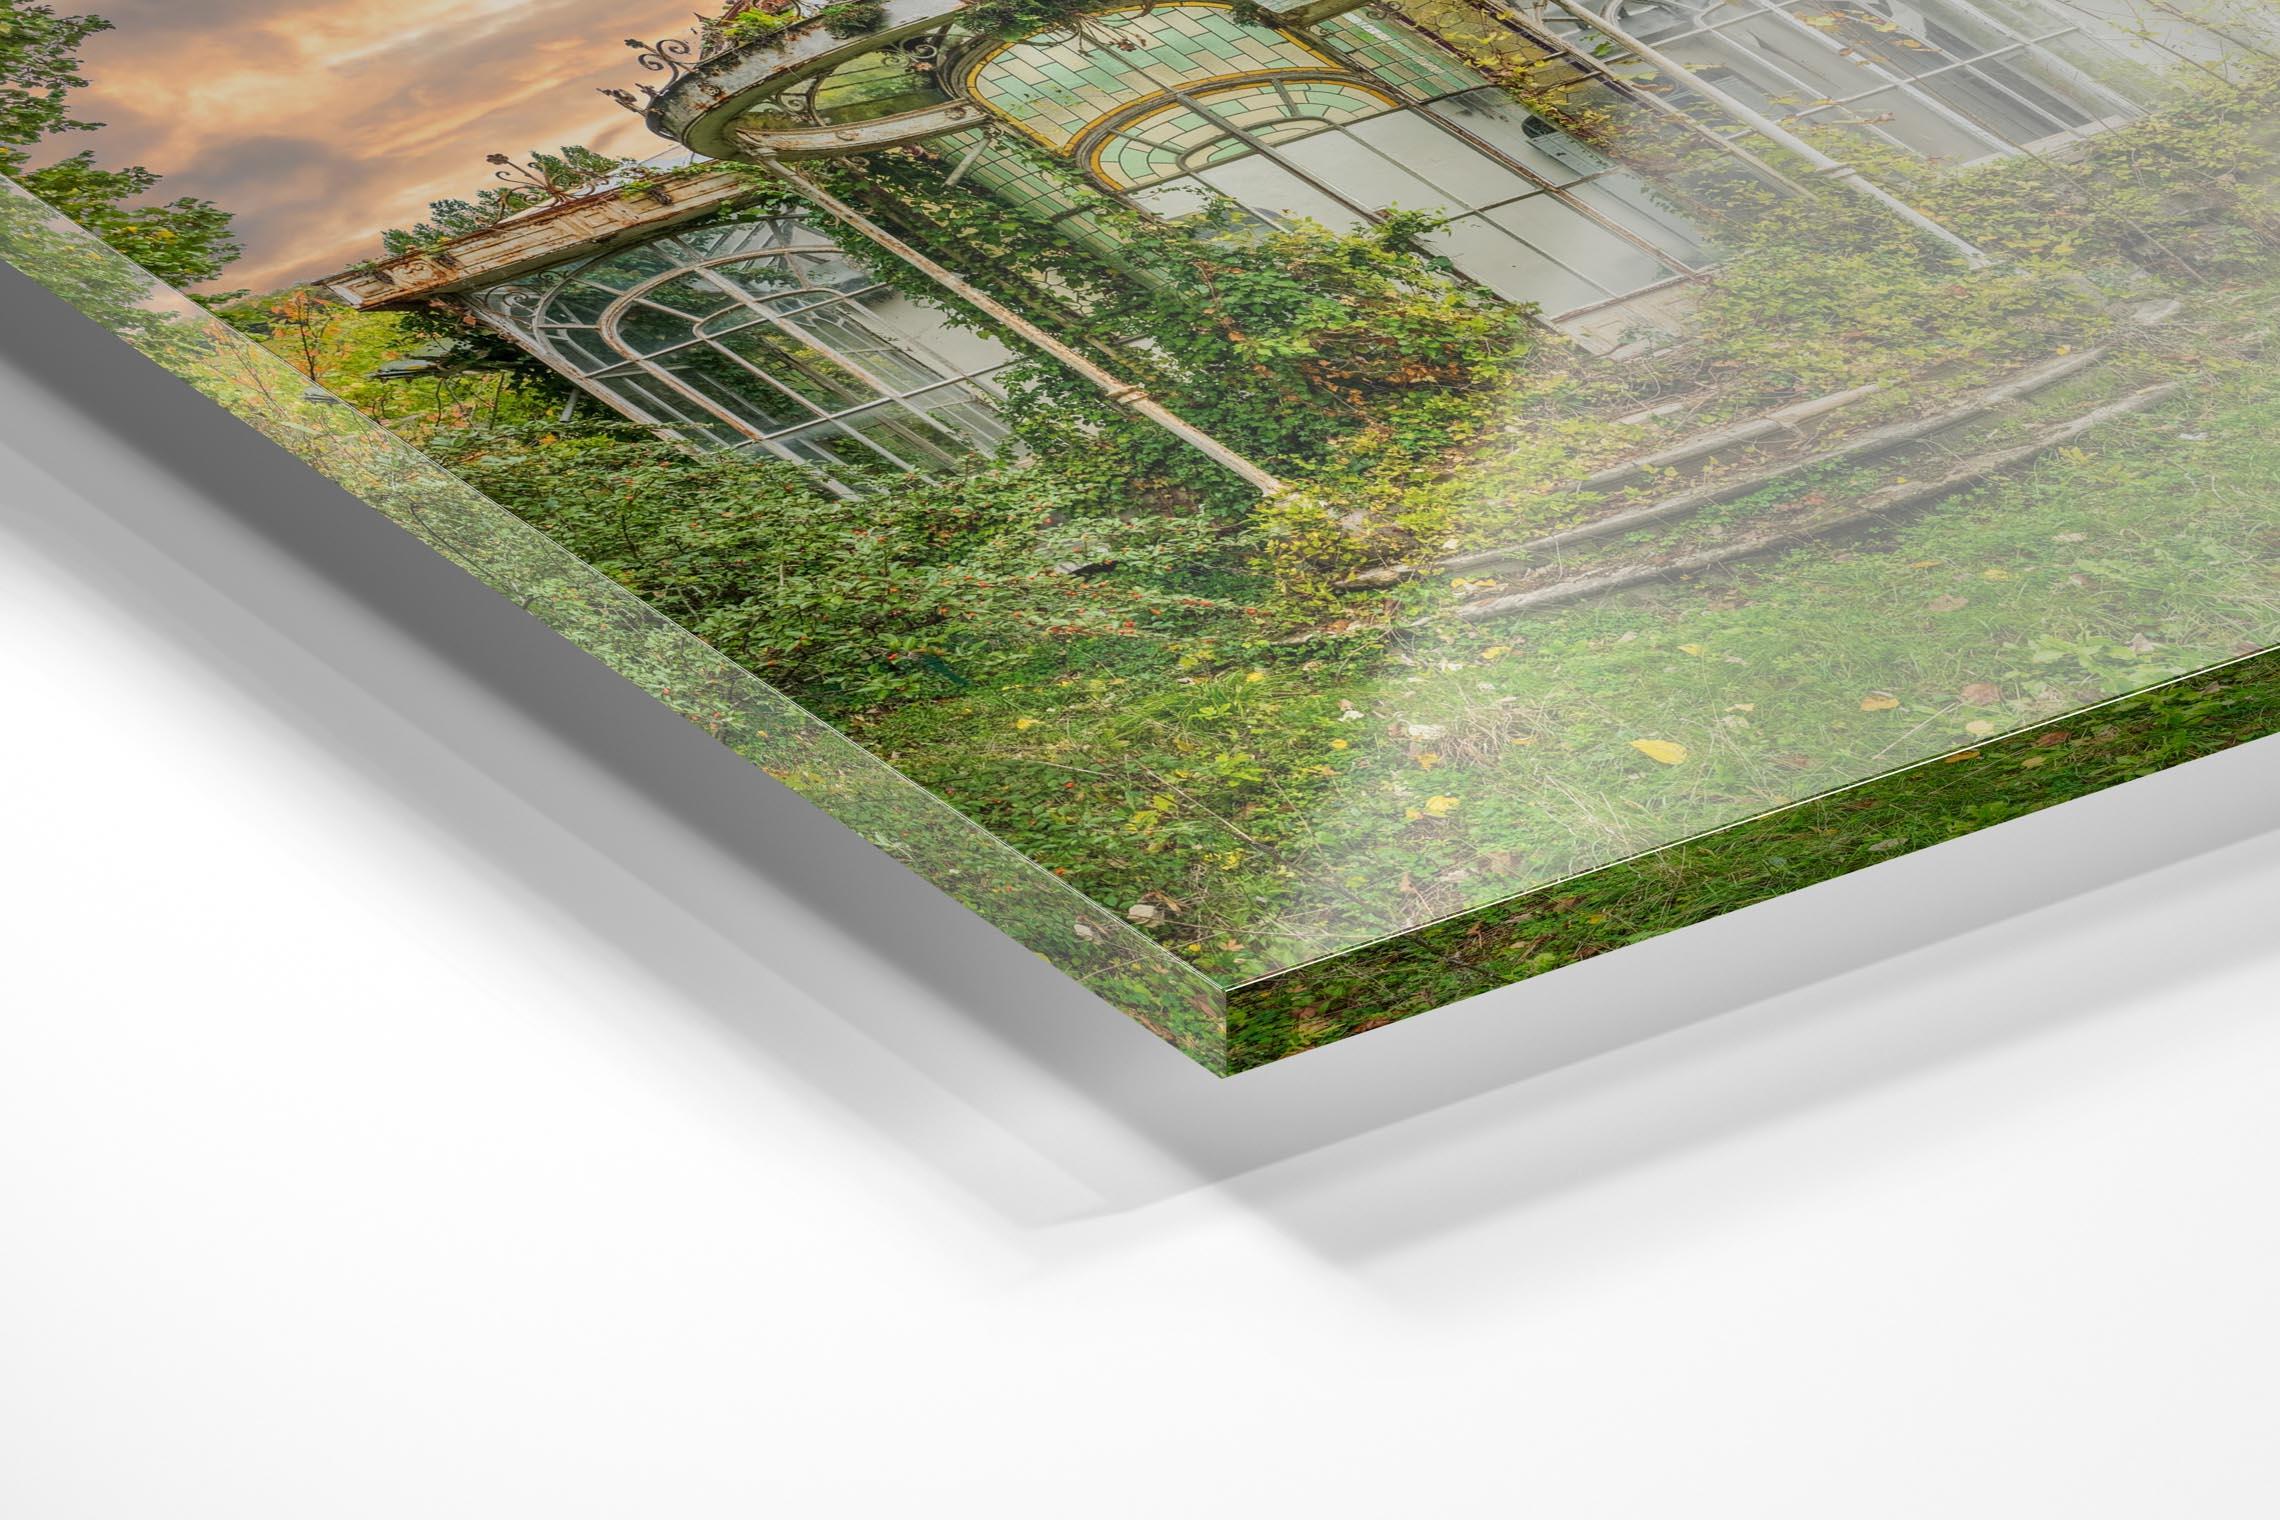 Baksteen Productions - wandecoratie schilderij uitleg -foto papier 3mm